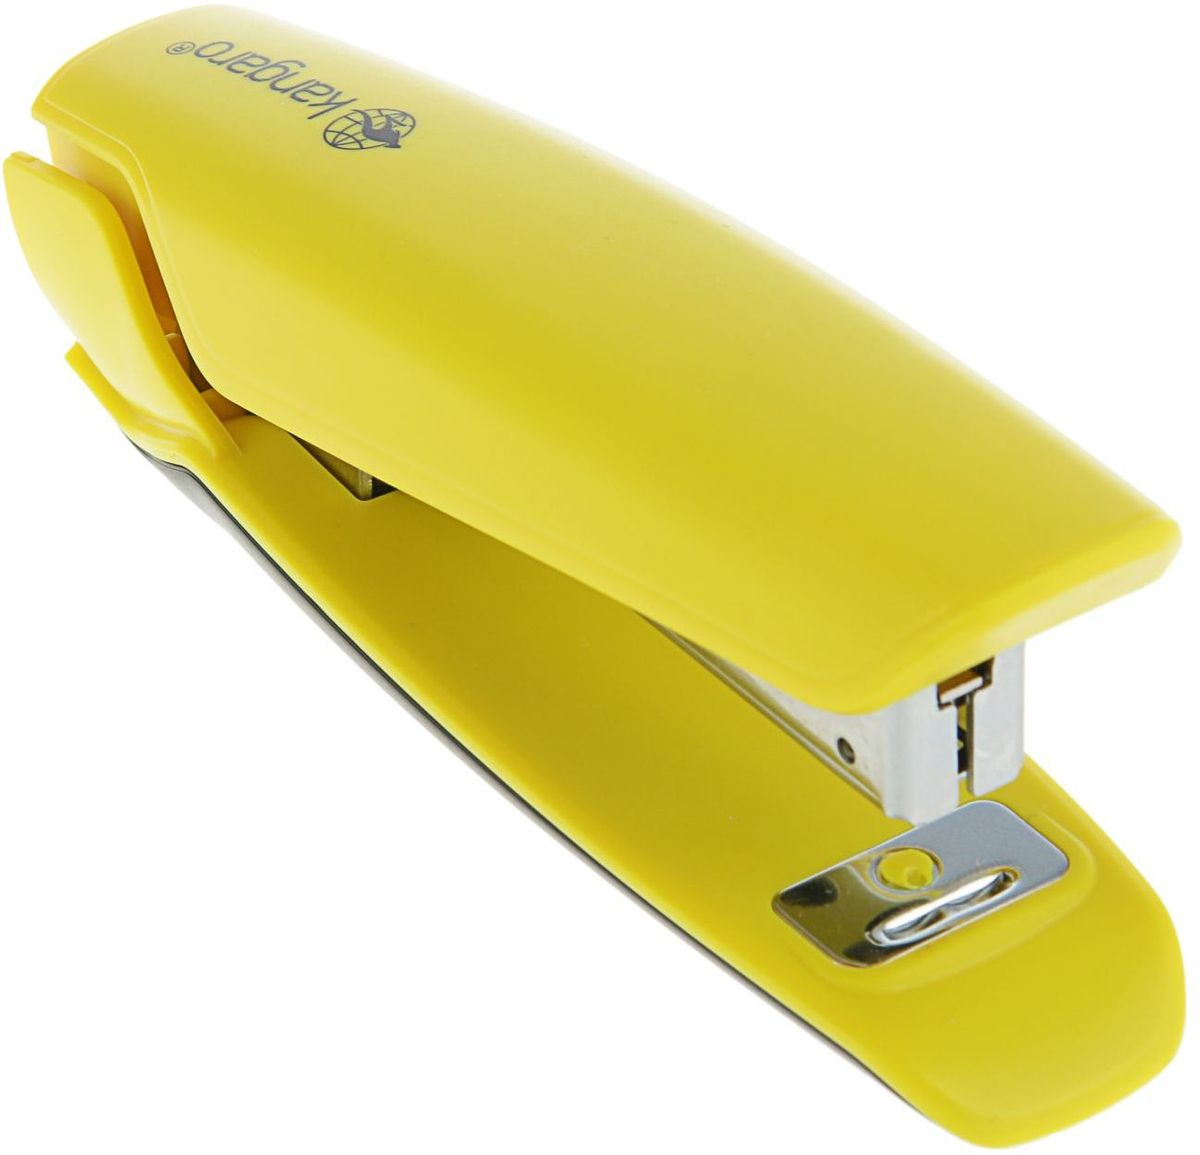 Kangaro Степлер Nowa-10 №10 цвет желтый2334248Степлер Kangaro Nowa-10 имеет пластиковый корпус, качественный металлический сшивной механизм.В задней части расположен встроенный металлический антистеплер. Максимальная загрузка - 100 листов, глубина закладки бумаги - 60 мм, пробивная мощность - 15 листов бумаги 80г/м.Используются скобы №10.